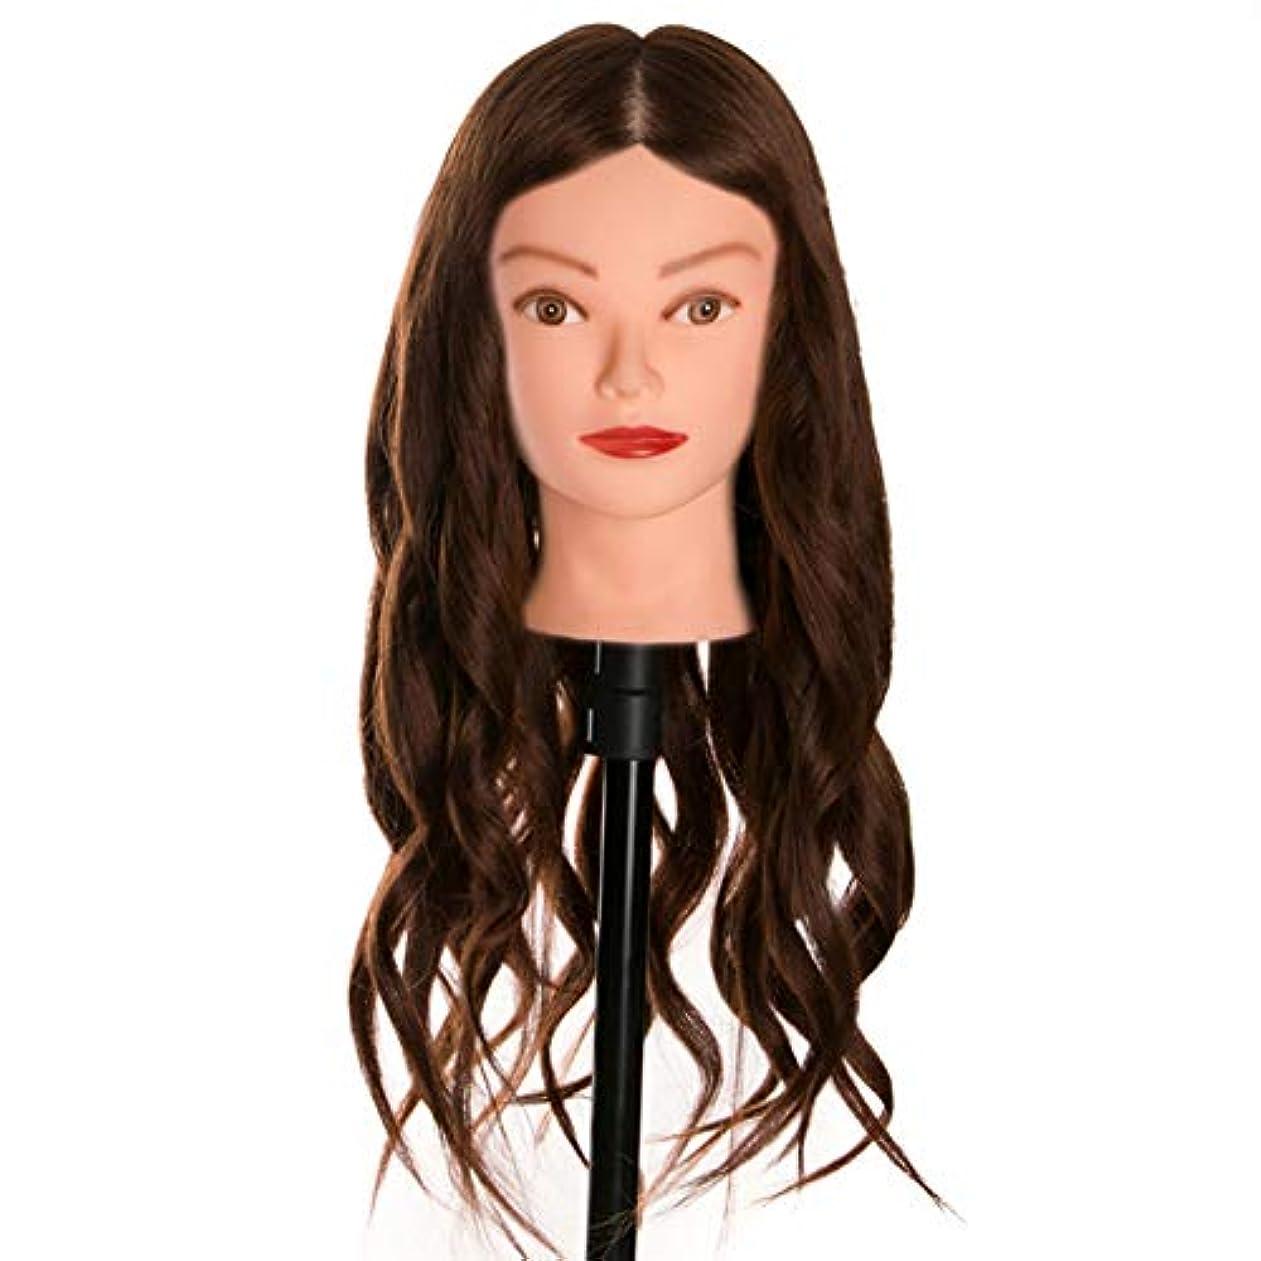 期待して公然と公使館理髪サロンエクササイズヘッド金型メイクディスクヘアスタイリング編み教育ダミーヘッドヘアカットトレーニングかつら金型3個